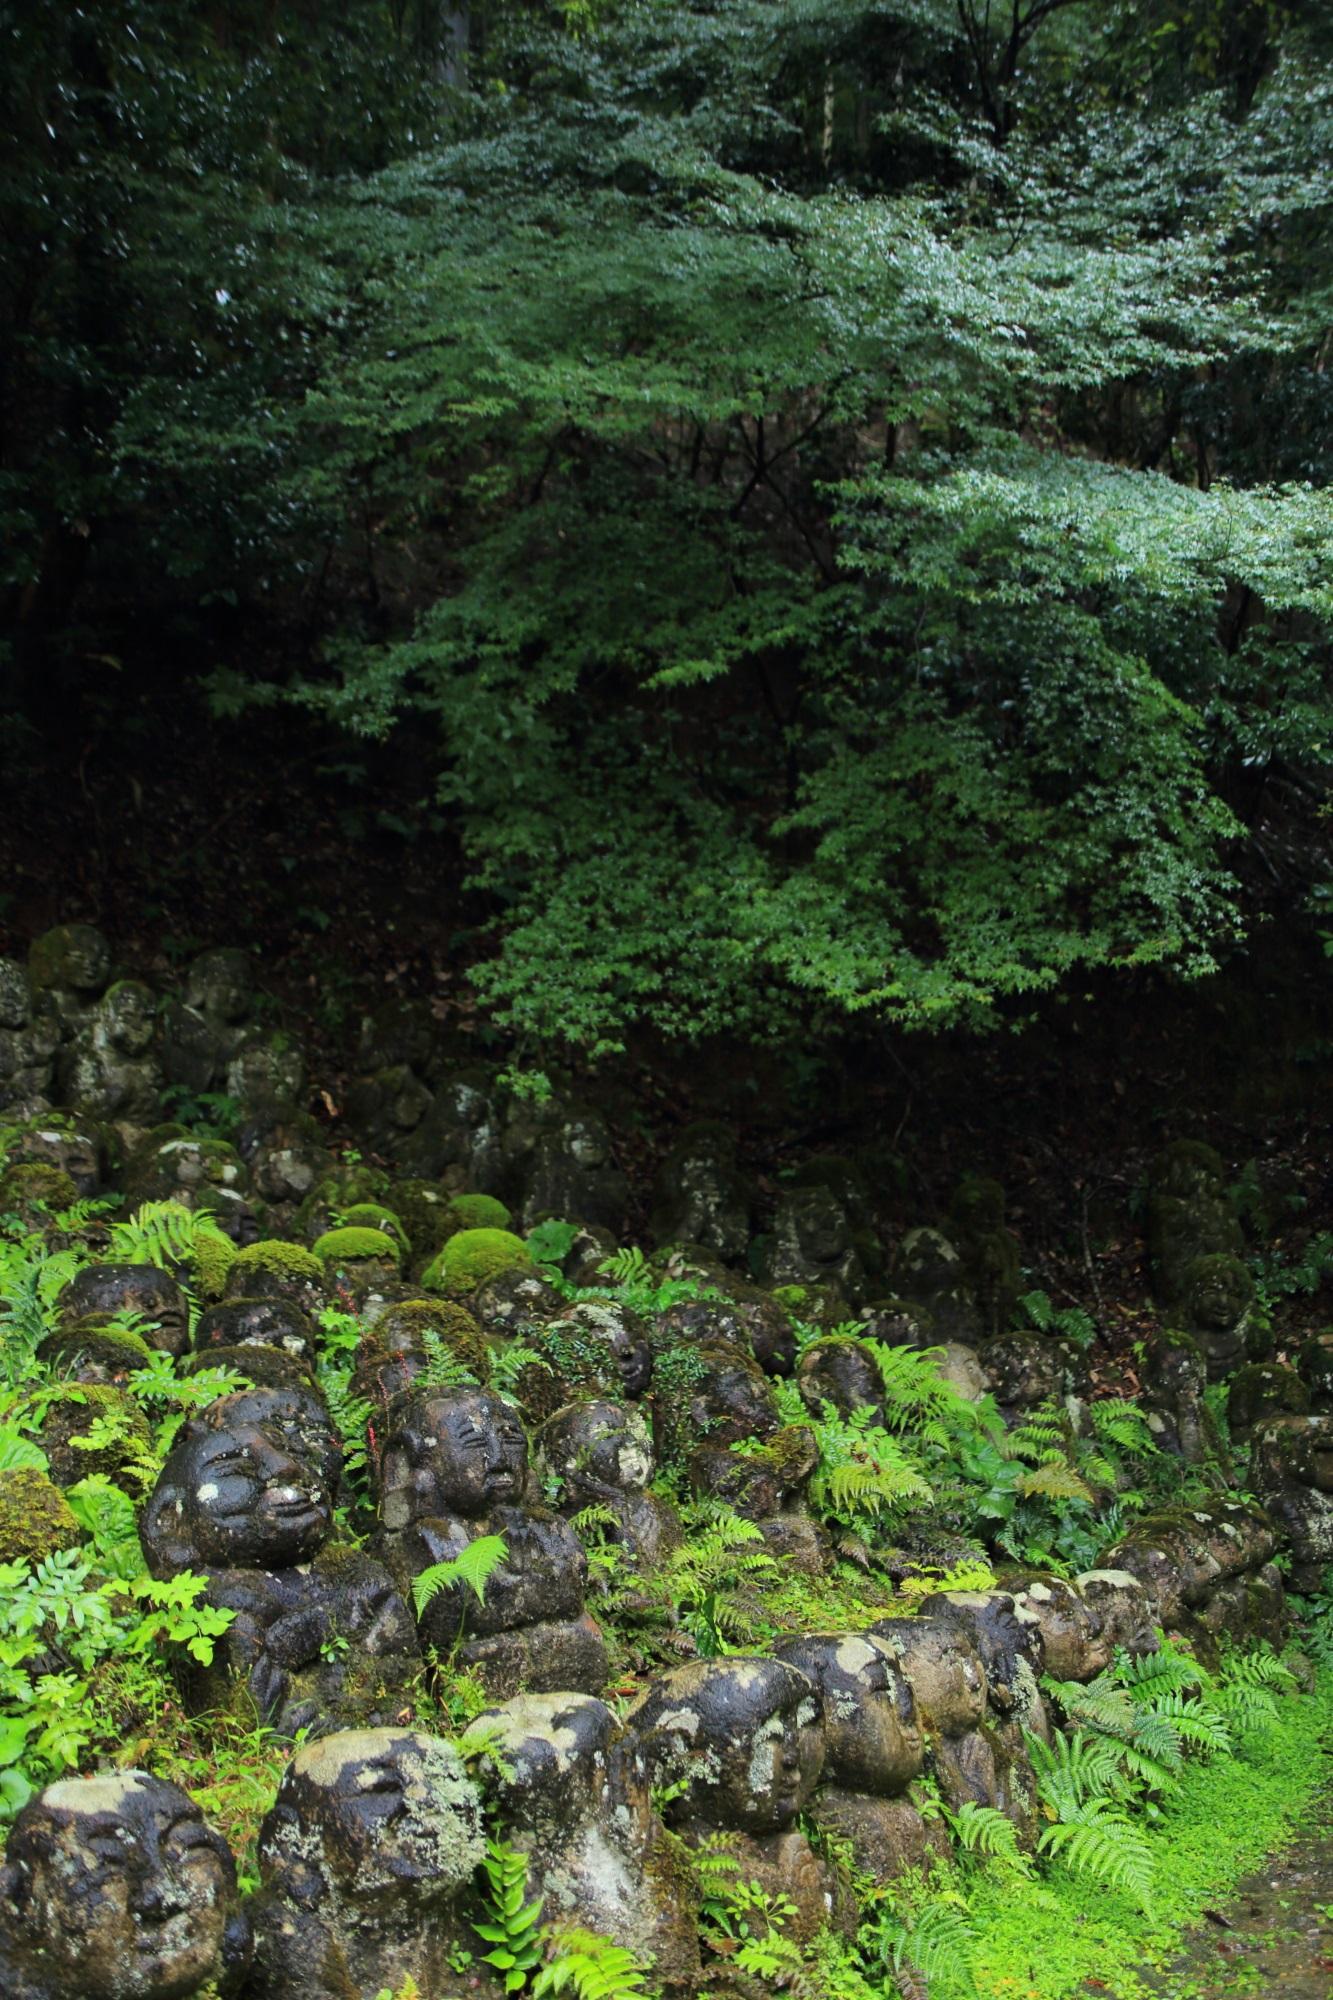 愛宕念仏寺の多宝塔前の千二百羅漢と青もみじ